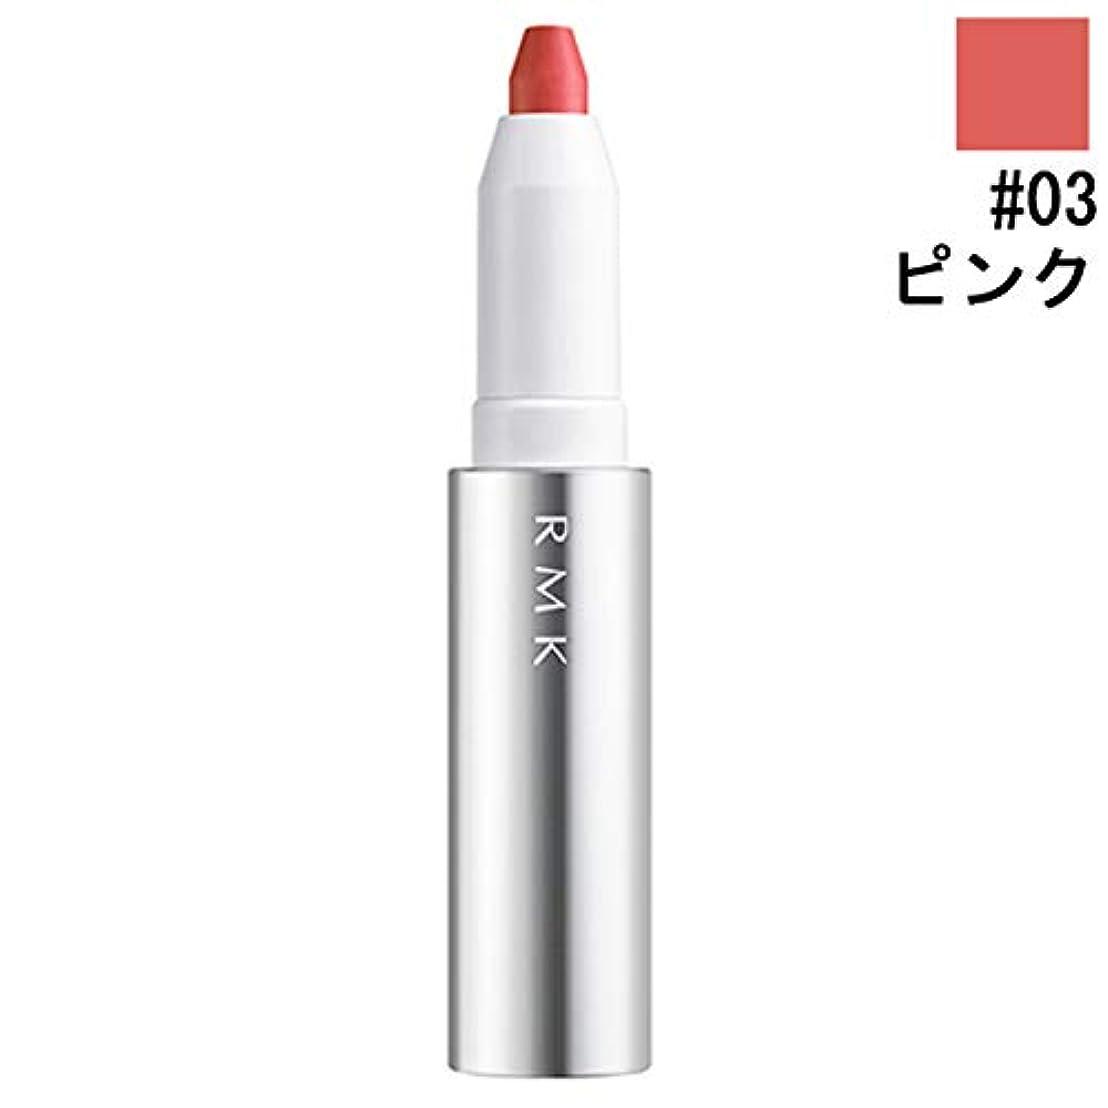 怒りフェッチ傀儡【RMK (ルミコ)】カラークレヨン #03 ピンク 1.2g